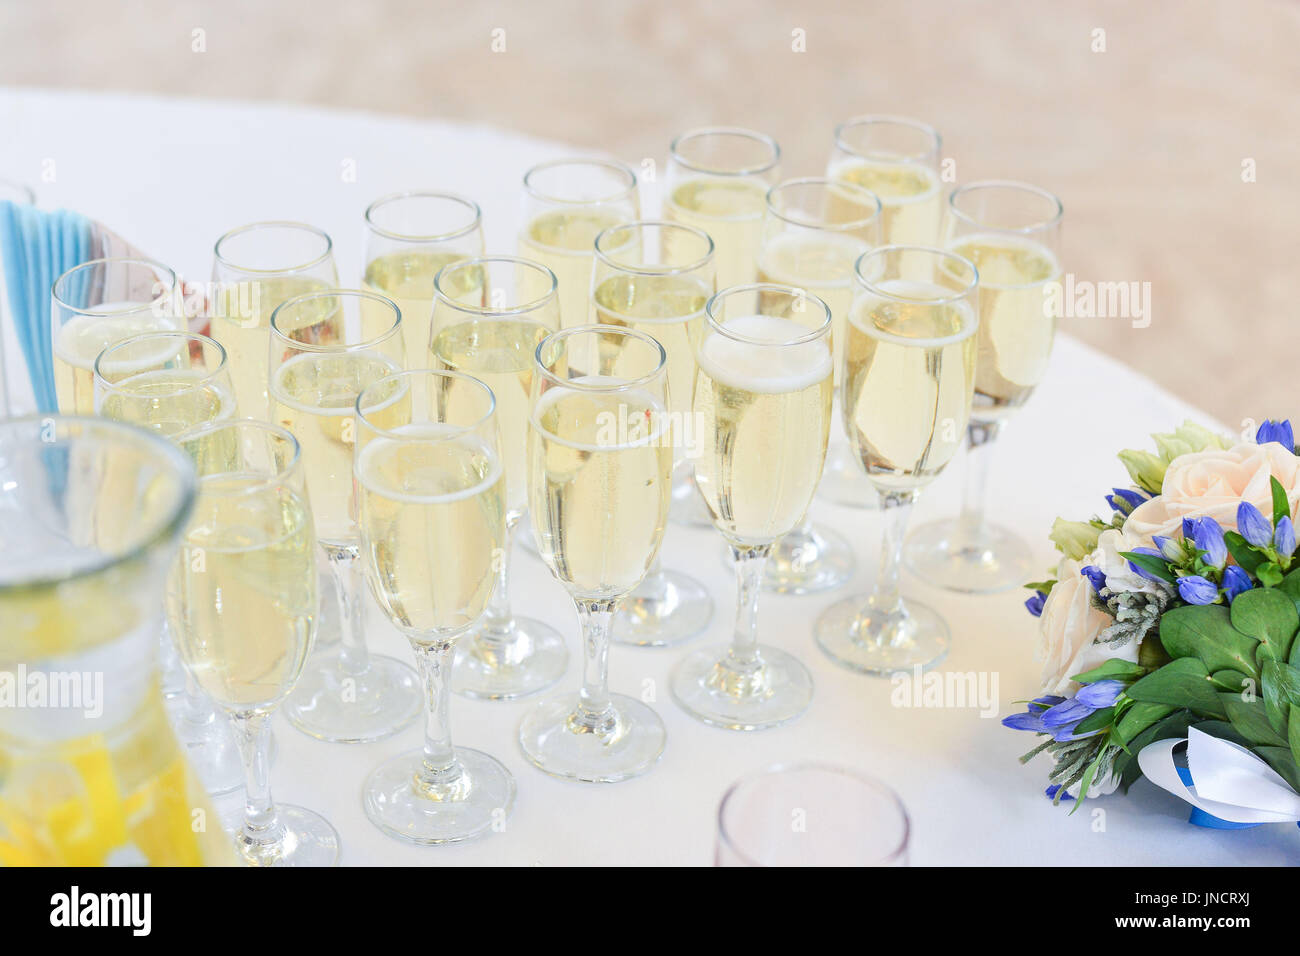 Tabella di nozze impostazione nel ristorante Immagini Stock